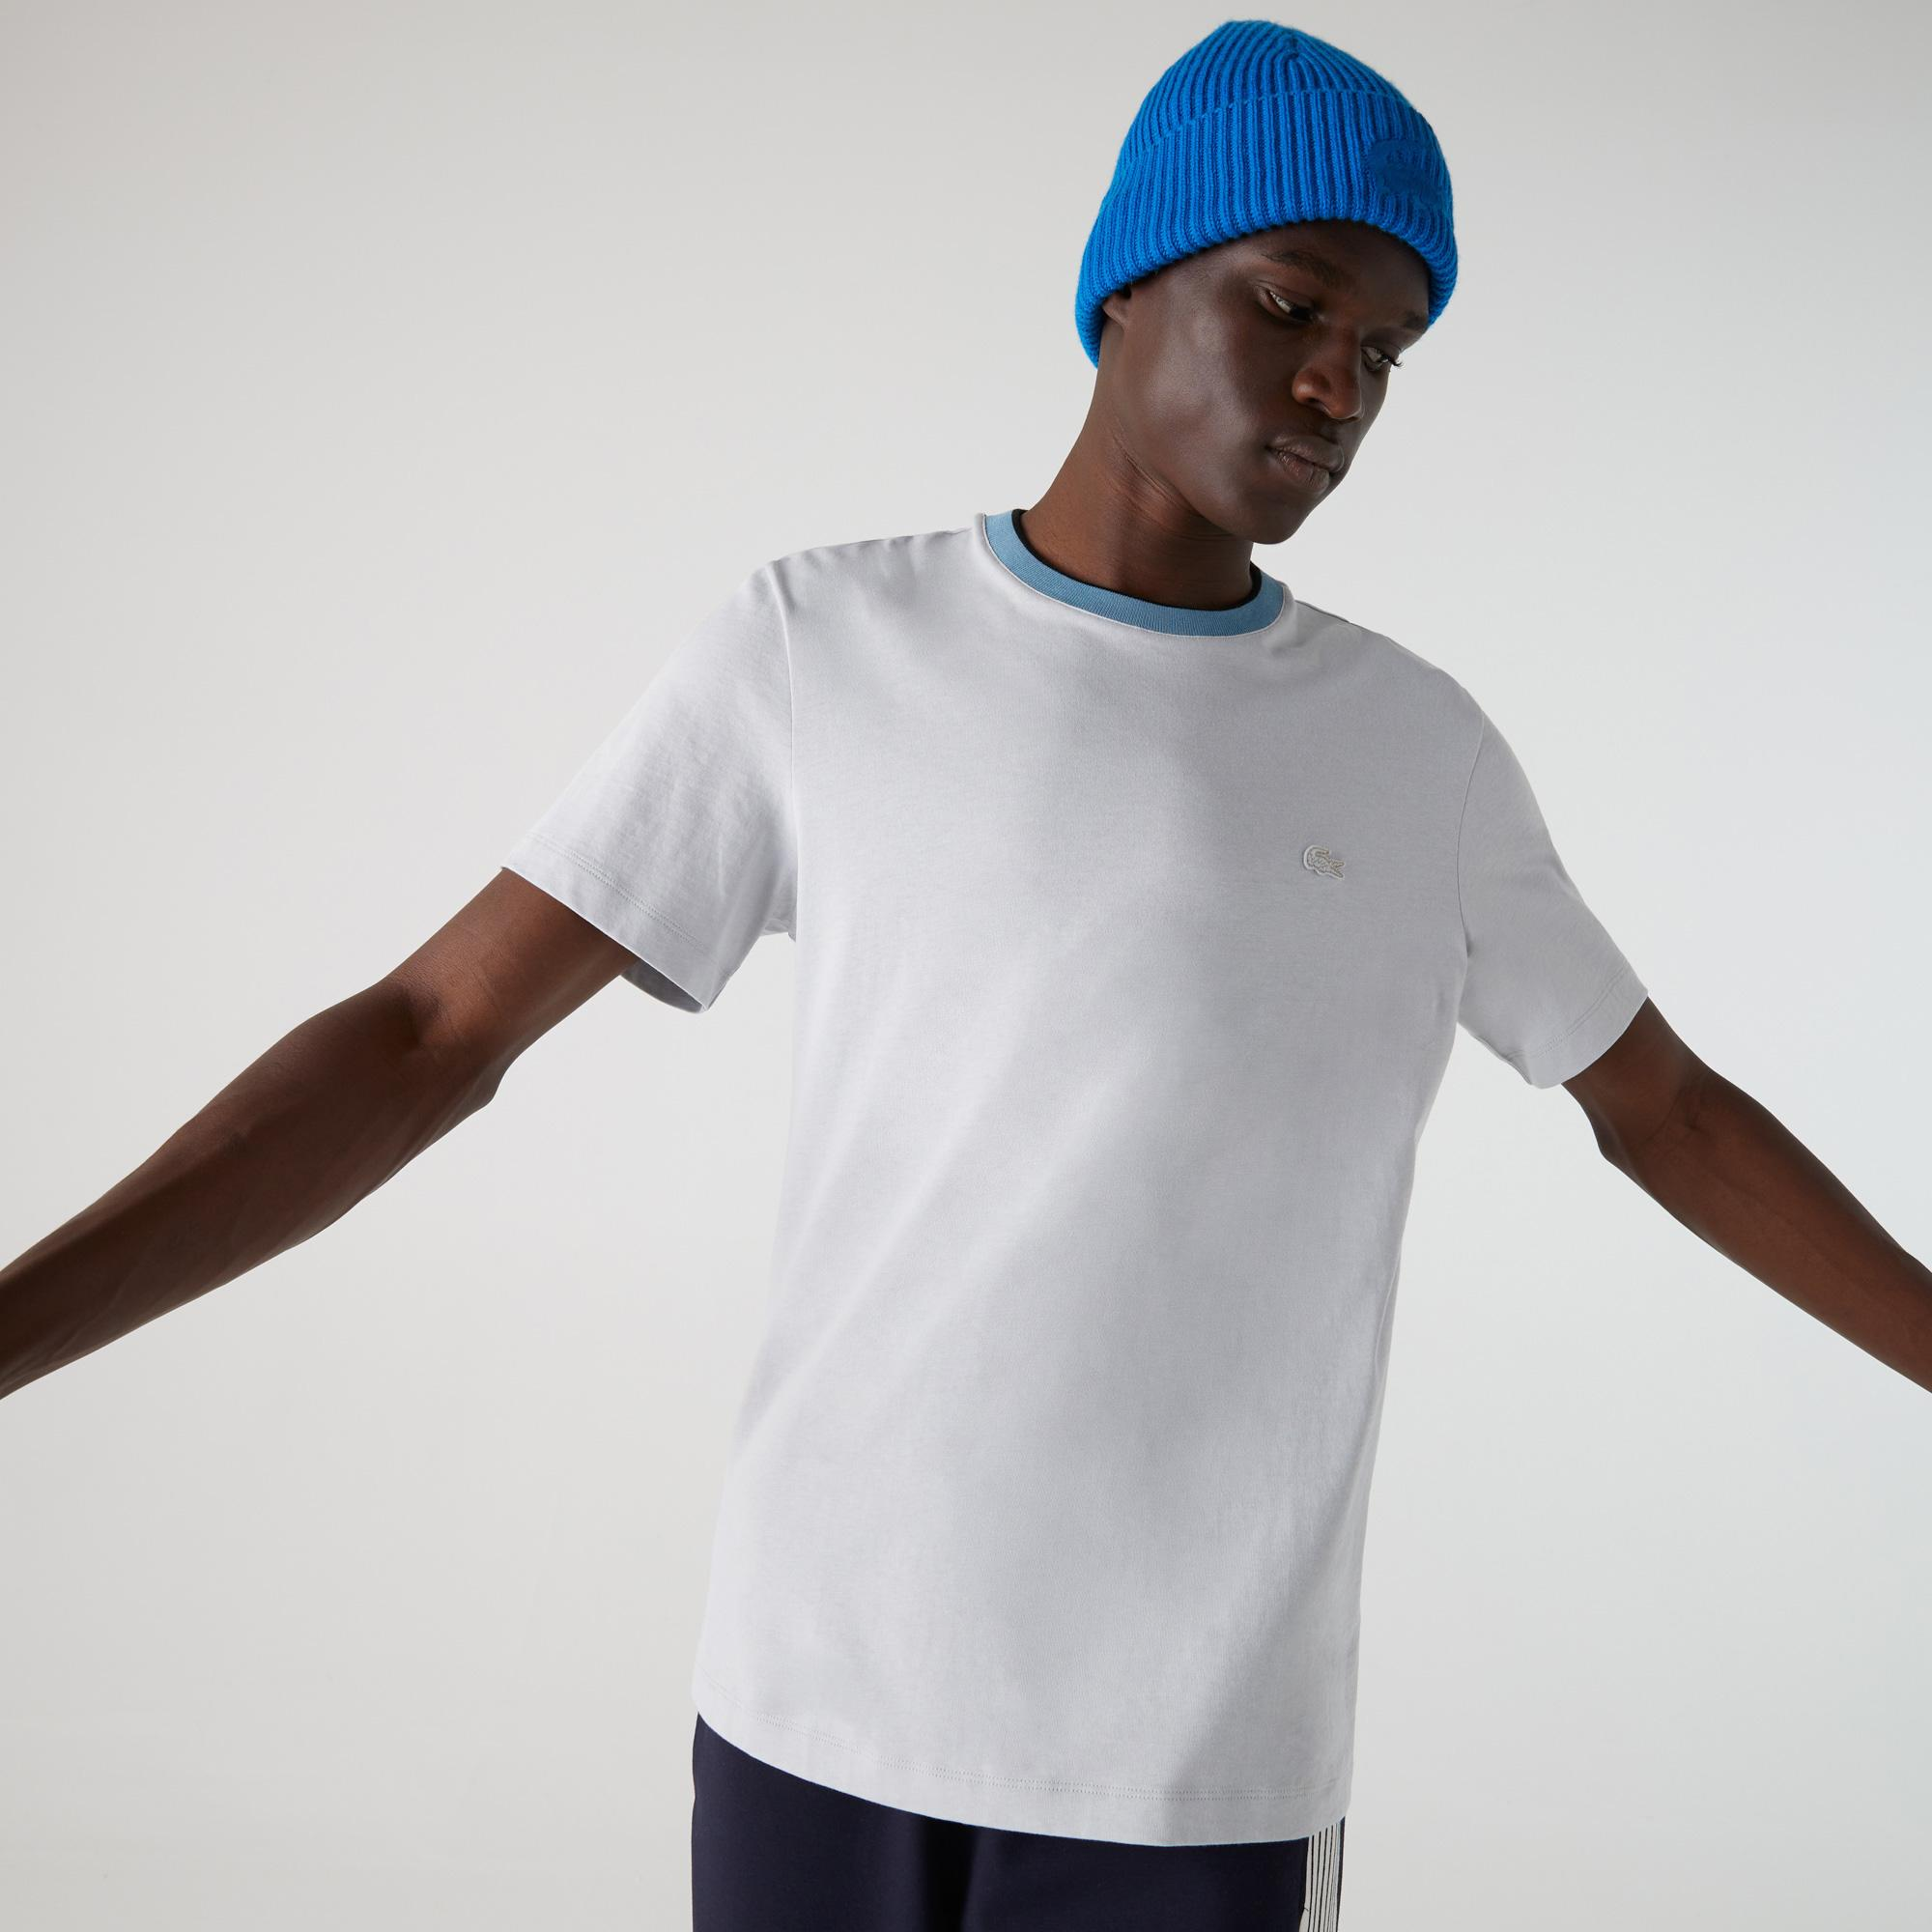 Lacoste Męski Dwukolorowy T-Shirt Z Okrągłym Wycięciem Pod Szyją Z Grubej Bawełny